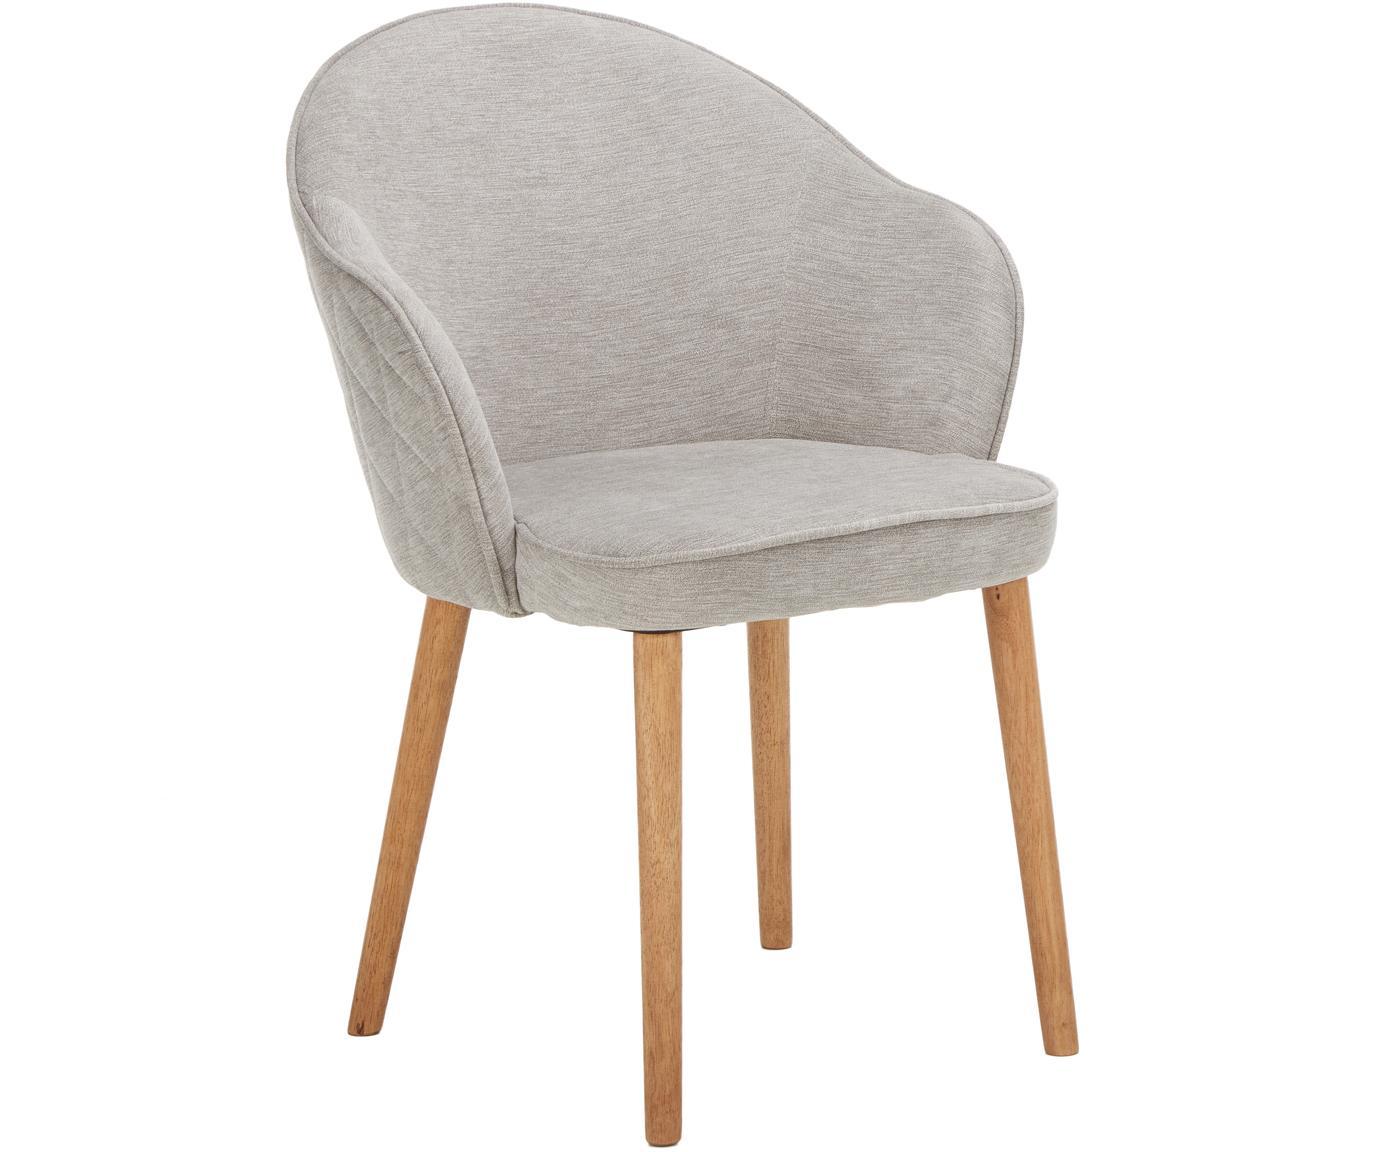 Krzesło z podłokietnikami Holly, Tapicerka: 100%poliester 25000 cy, Nogi: metal mosi, Nogi: drewno kauczukowe, olejow, Jasny szary, S 63 x G 47 cm